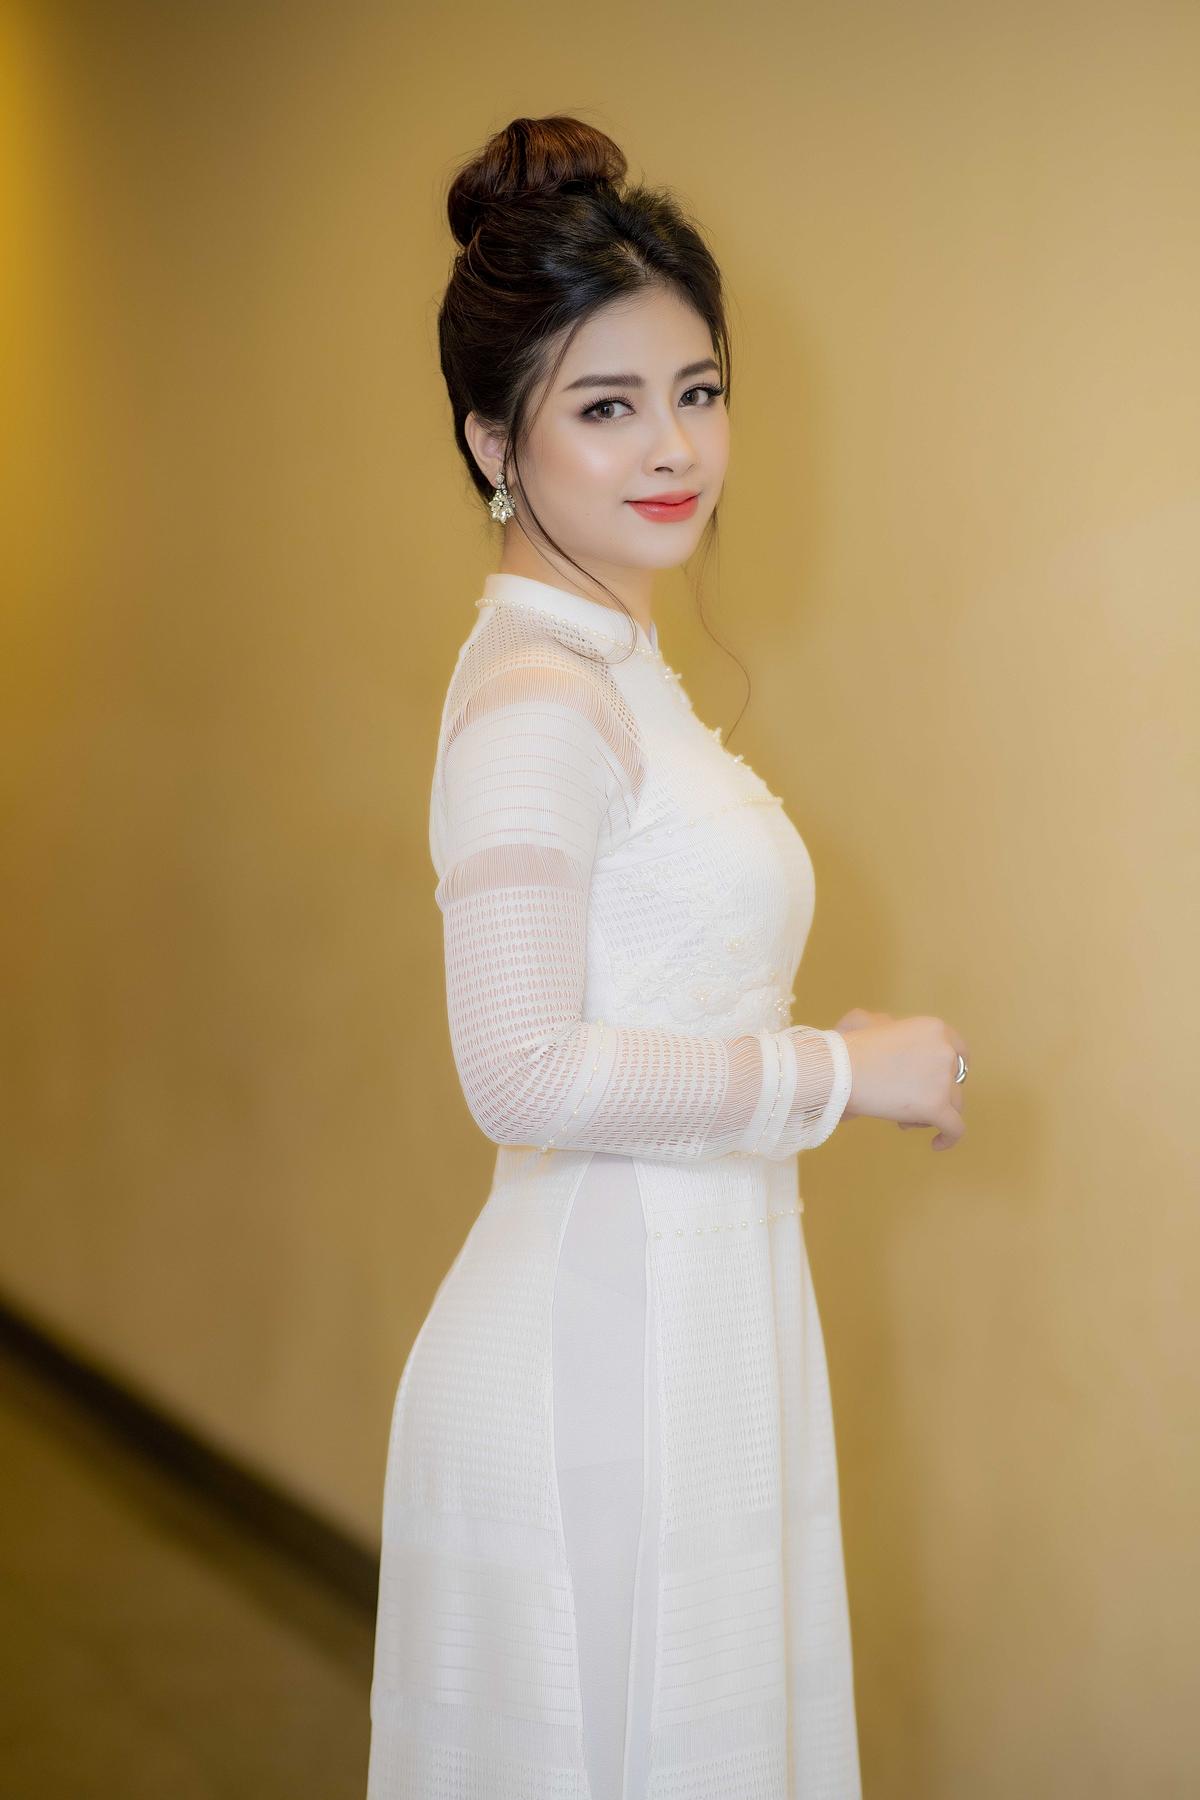 Dương Hoàng Yến khoe thân hình vạn người mê trong áo dài trắng 1